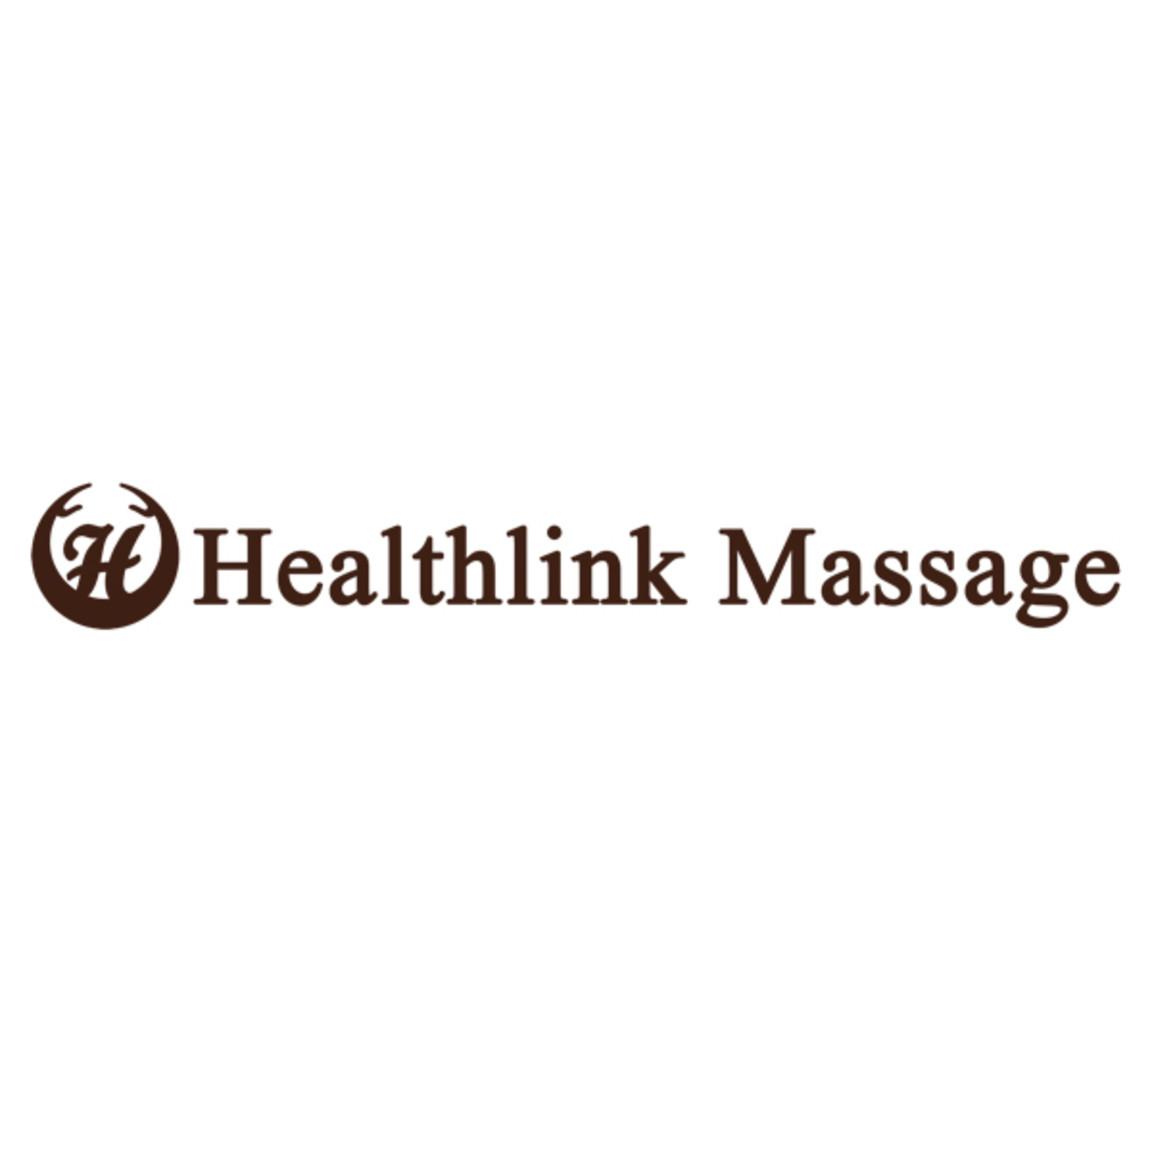 Healthlink Massage at Westfield Coomera